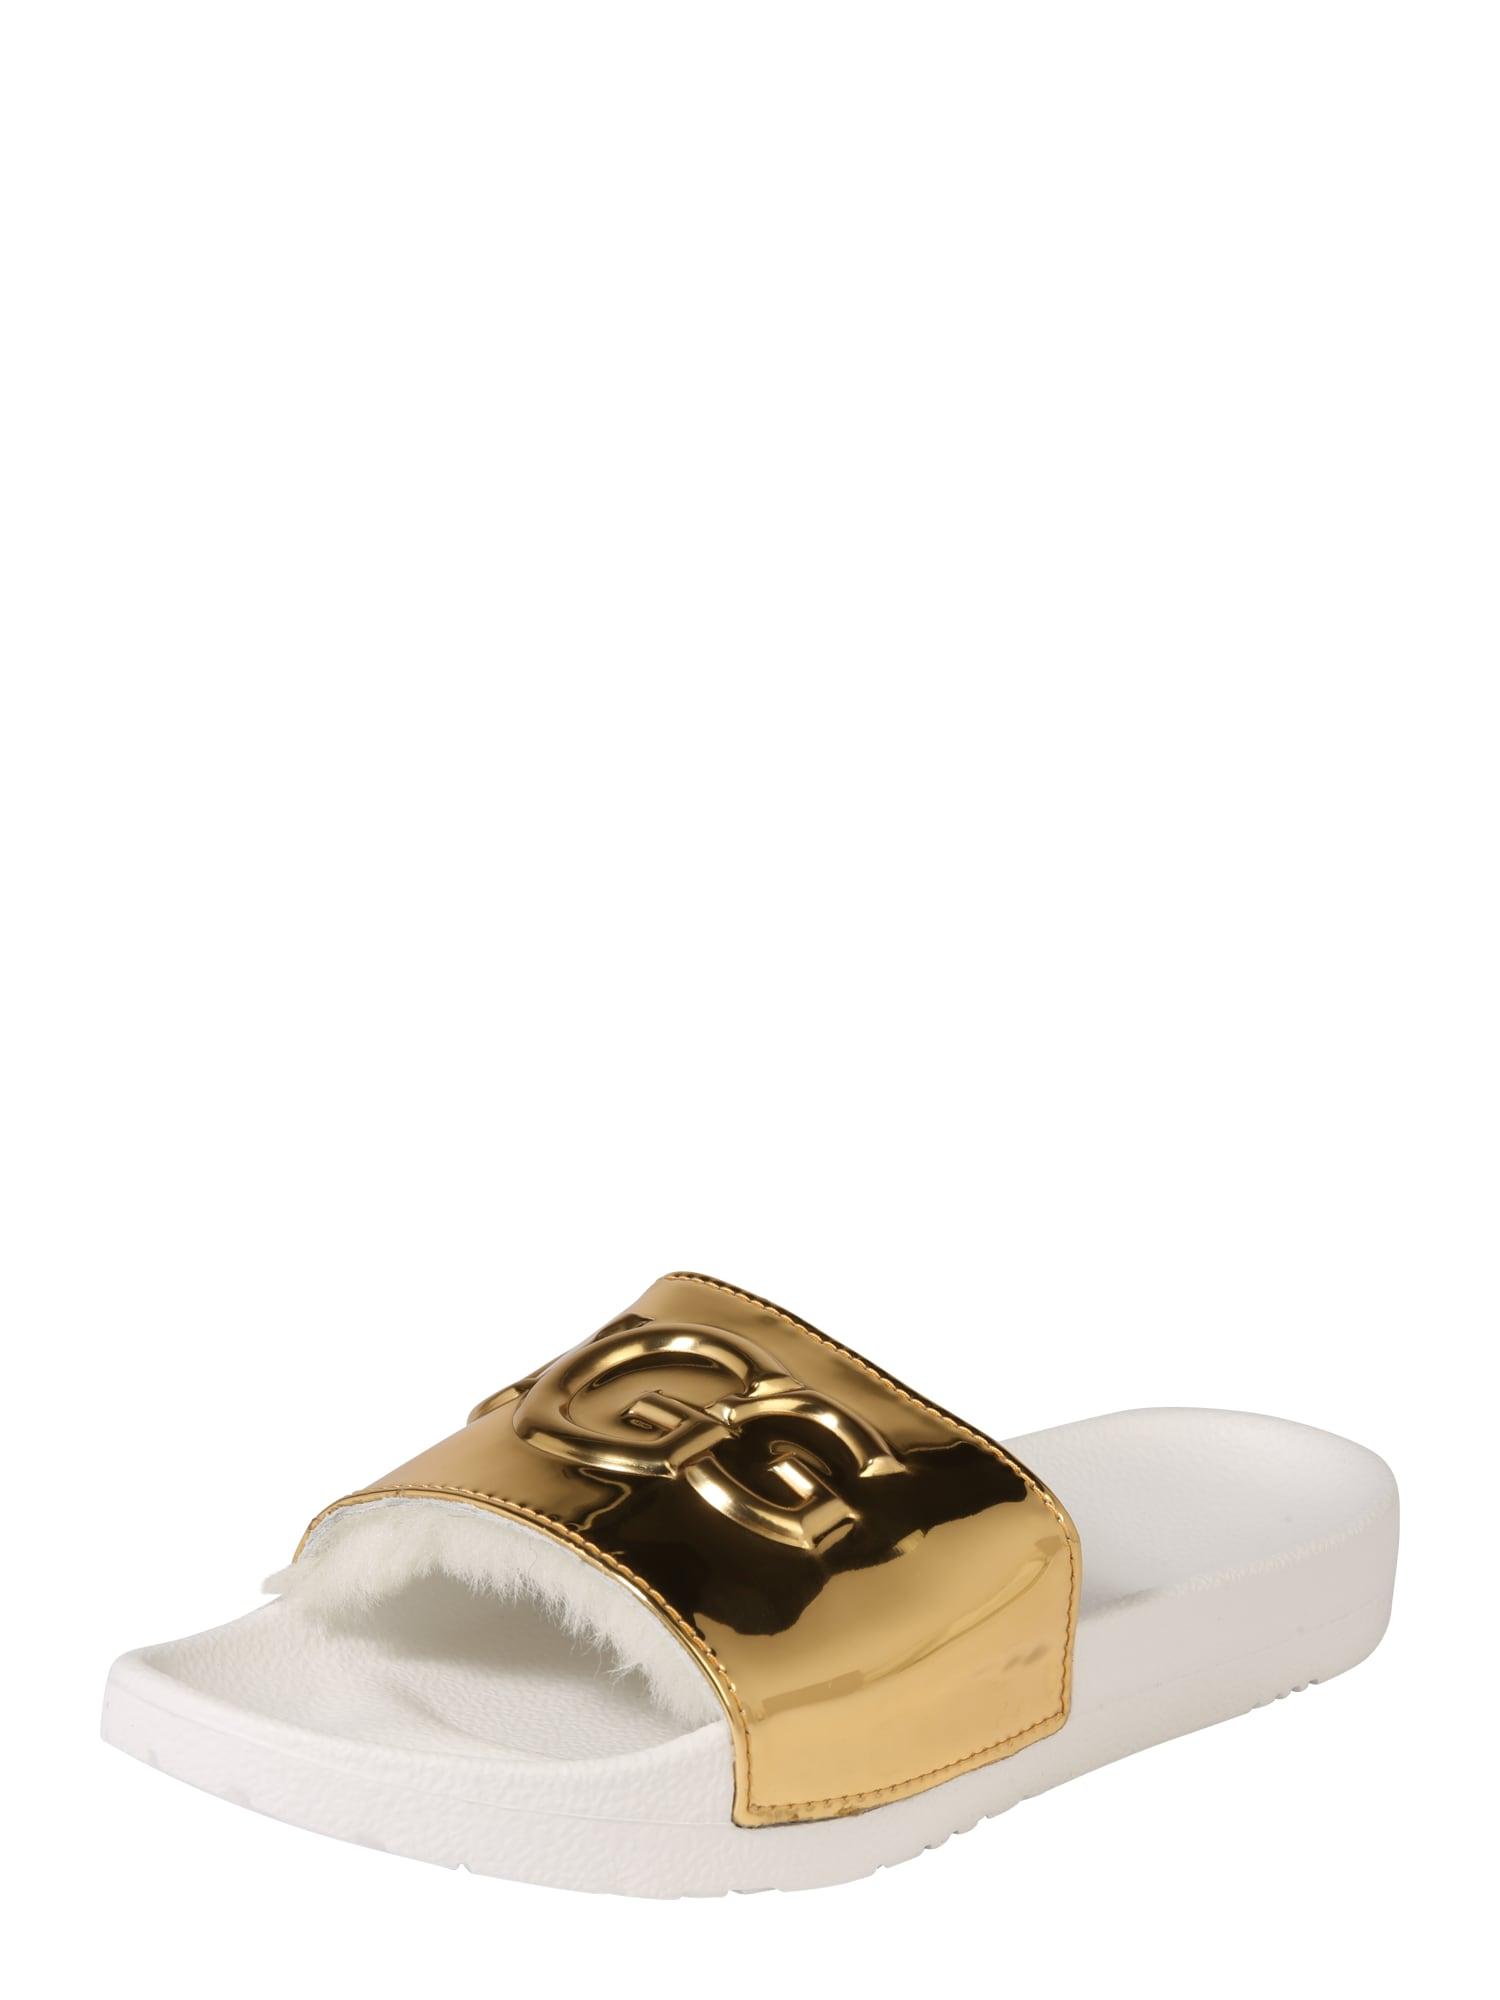 Pantofle Royale Graphic metallic zlatá UGG